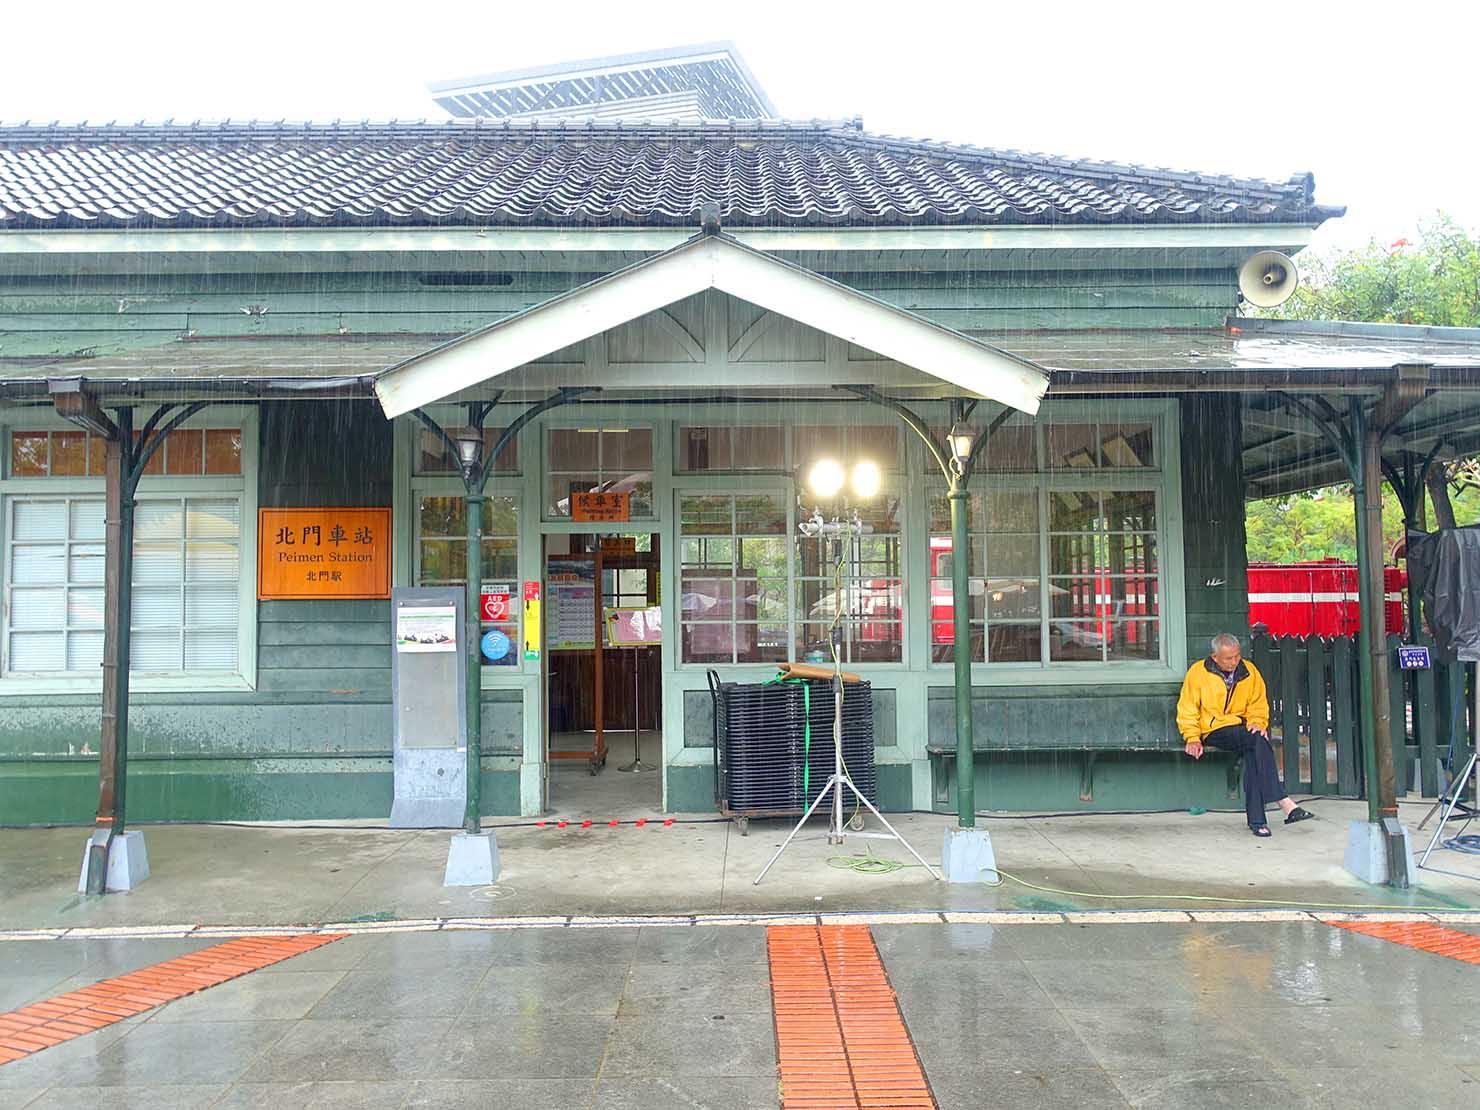 嘉義のおすすめ観光スポット「北門驛」の外観